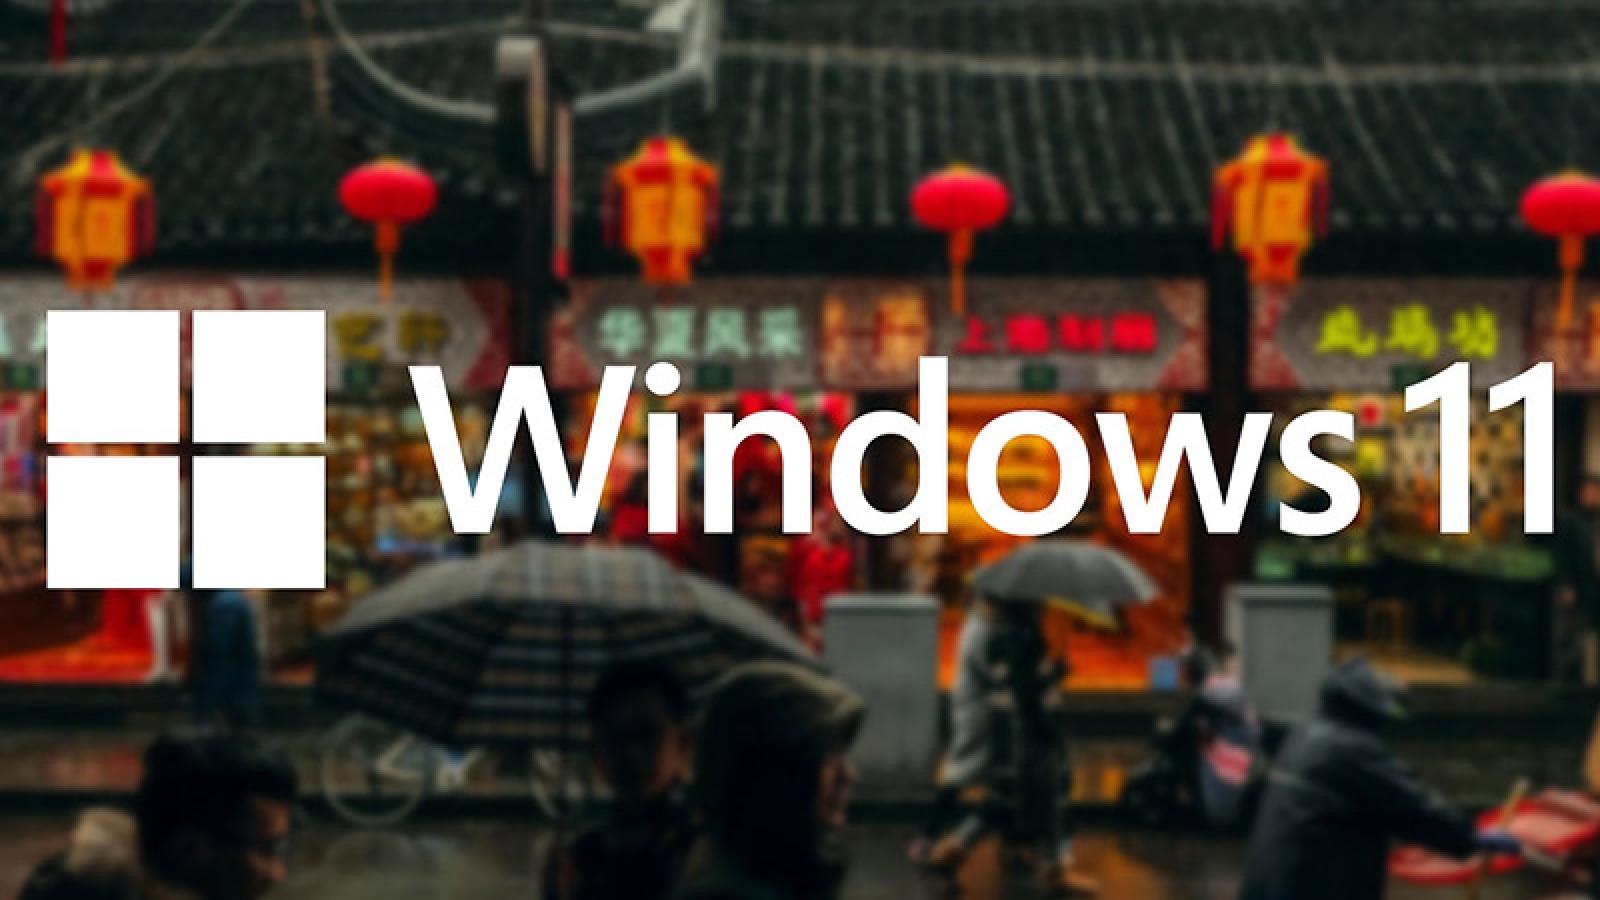 Người dùng PC ở Trung Quốc không thể nâng cấp lên Windows 11